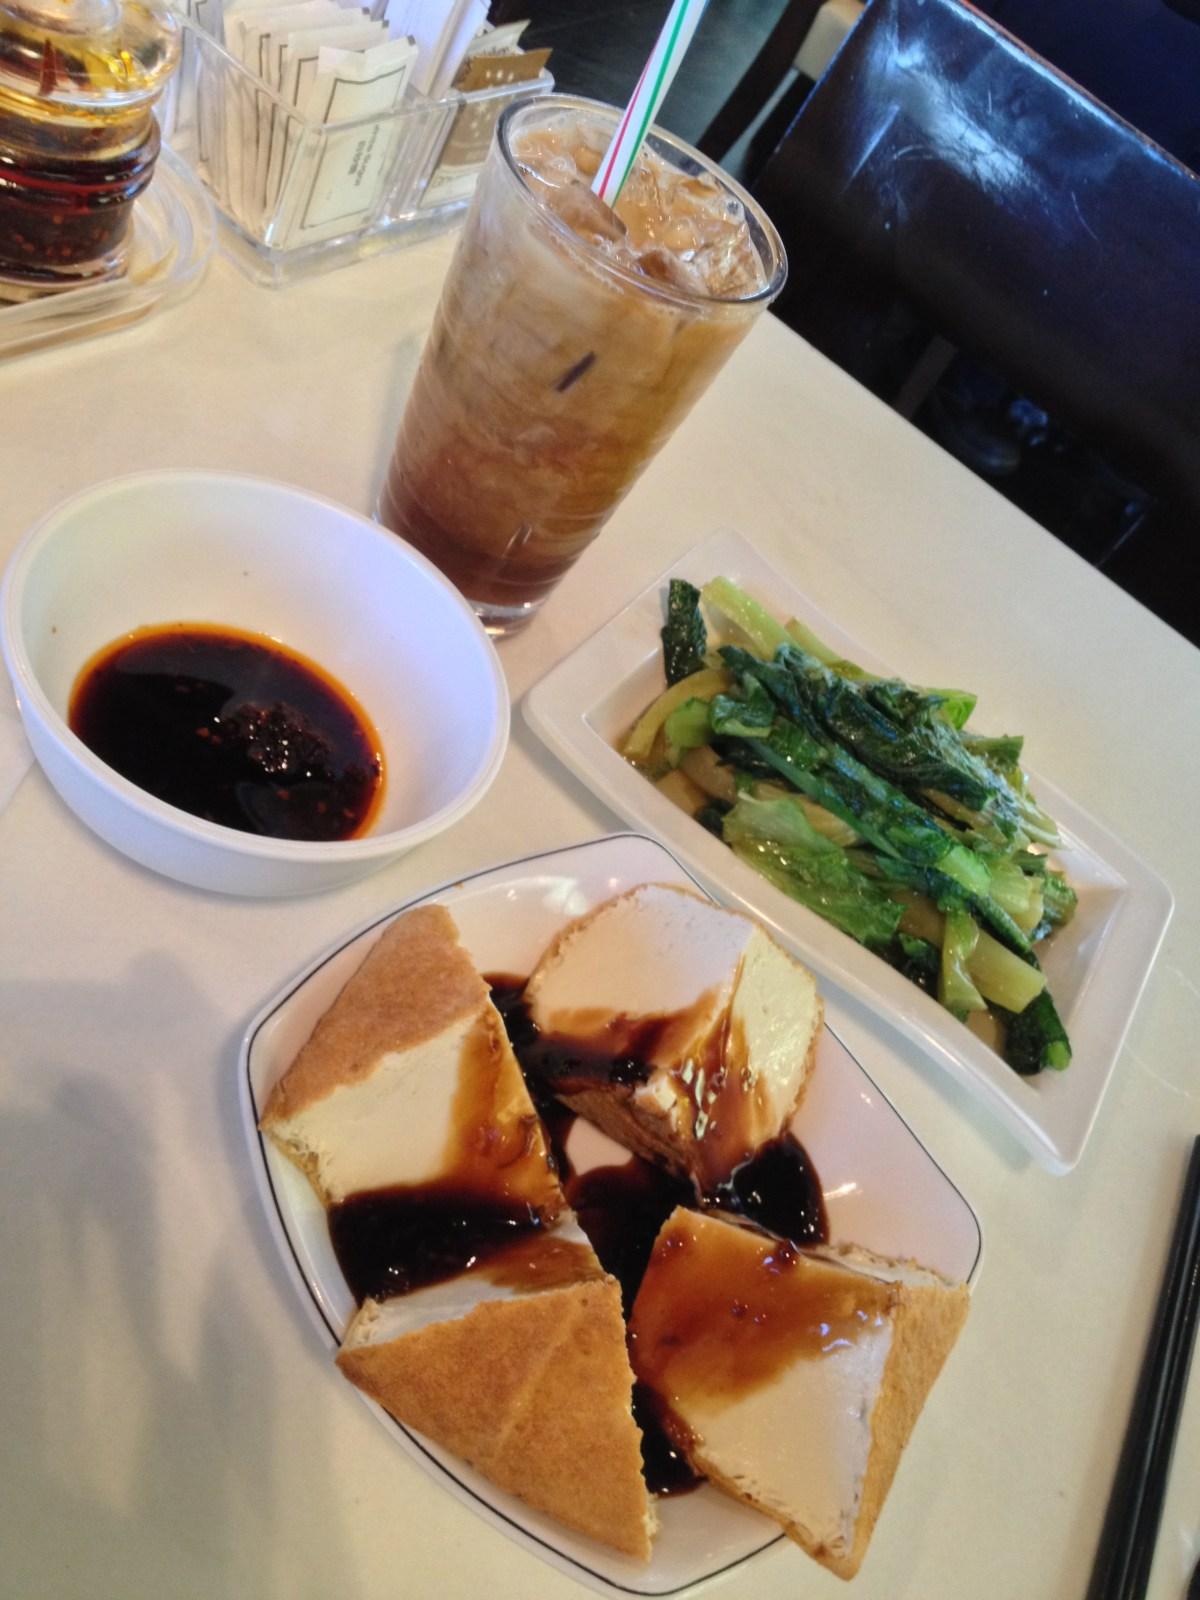 Fried Bean Curd Taiwanese Style, Fried A Vegetable, Ice Milk Tea